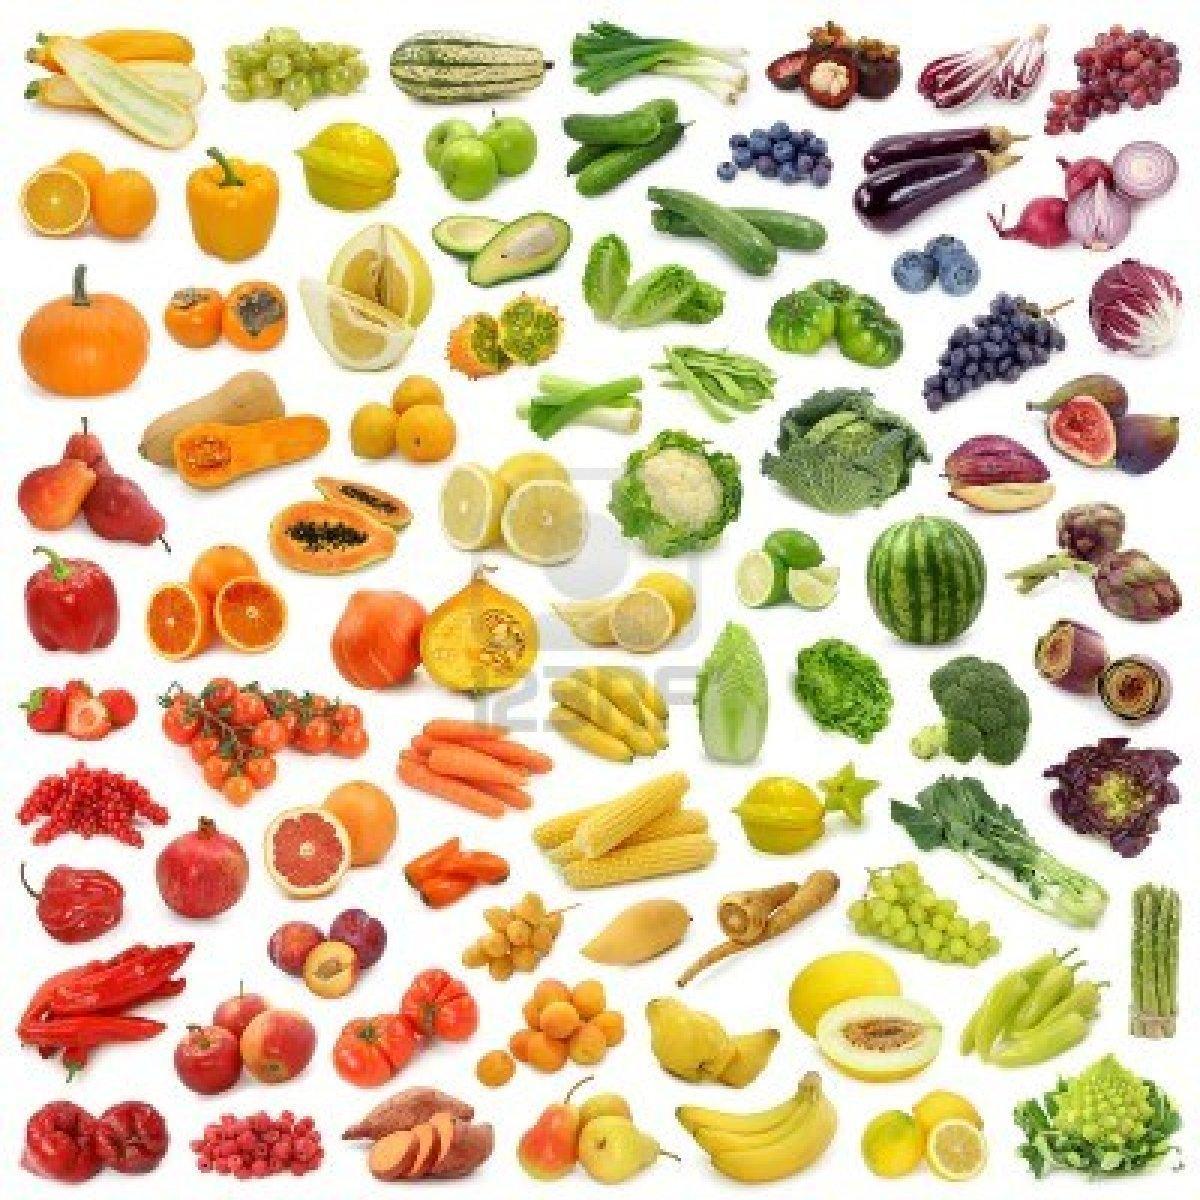 Les fruits et légumes